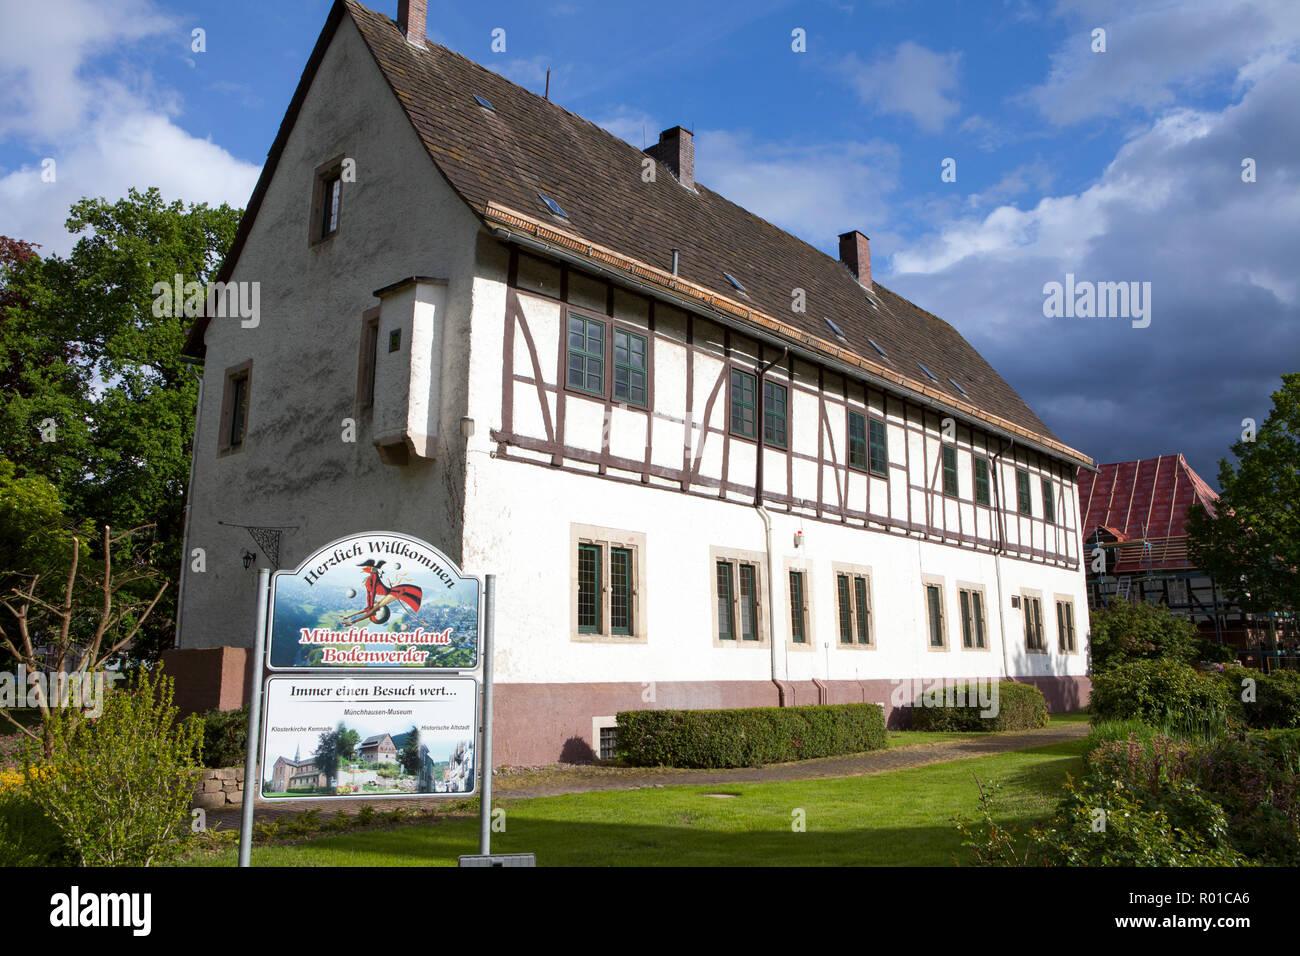 Hôtel de ville, lieu de naissance et la résidence du Baron Muenchhausen, Bodenwerder, Weserbergland, Basse-Saxe, Allemagne, Europe Banque D'Images